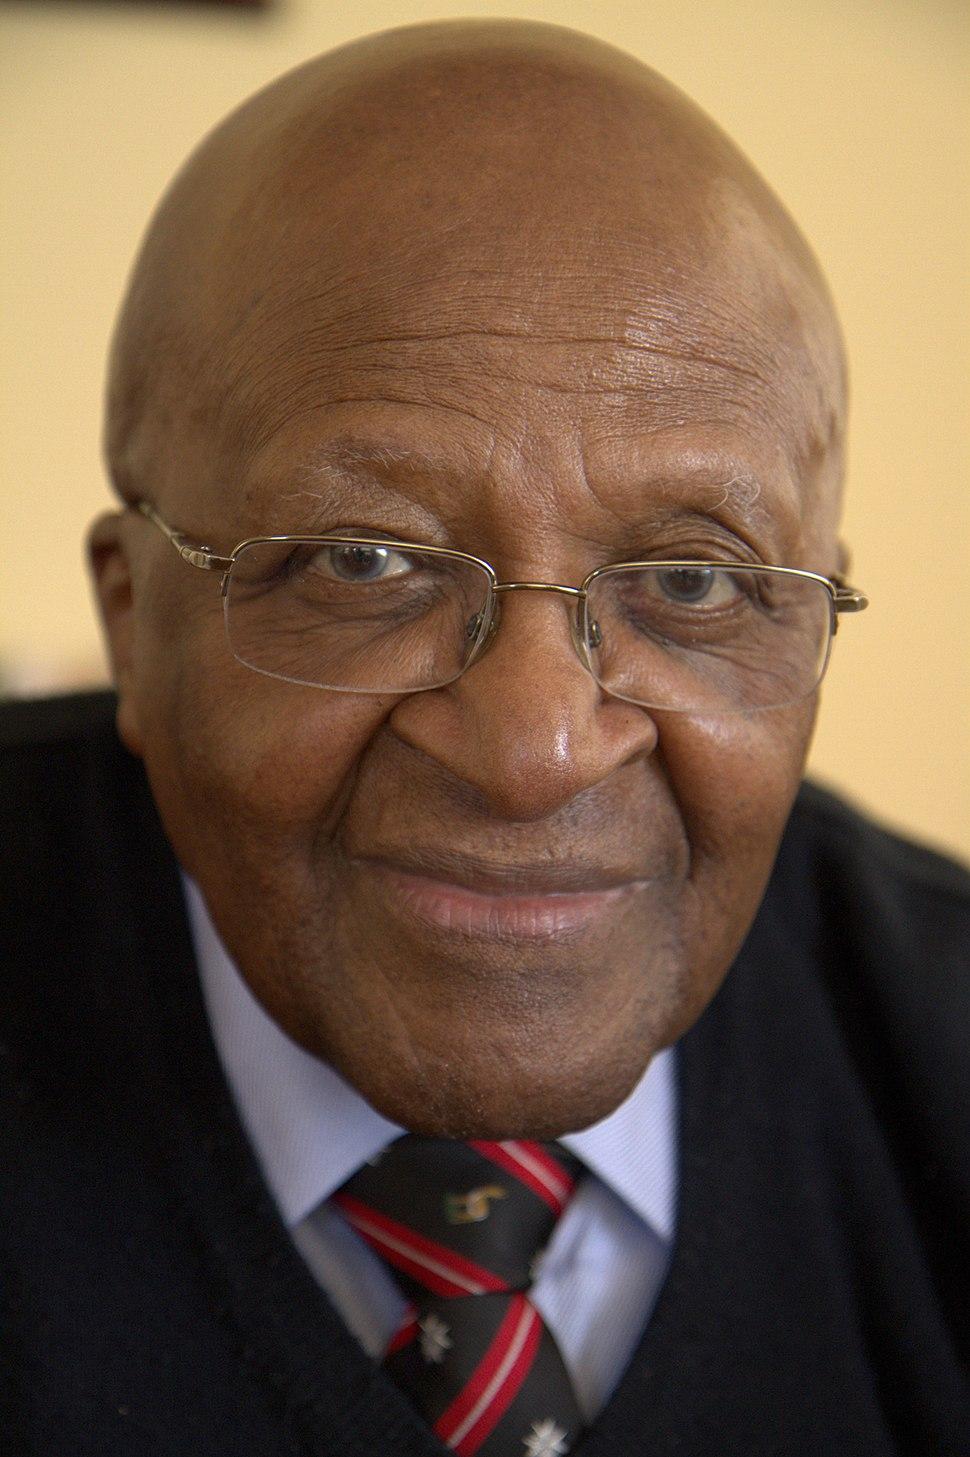 Desmond Tutu 2013-10-23 001